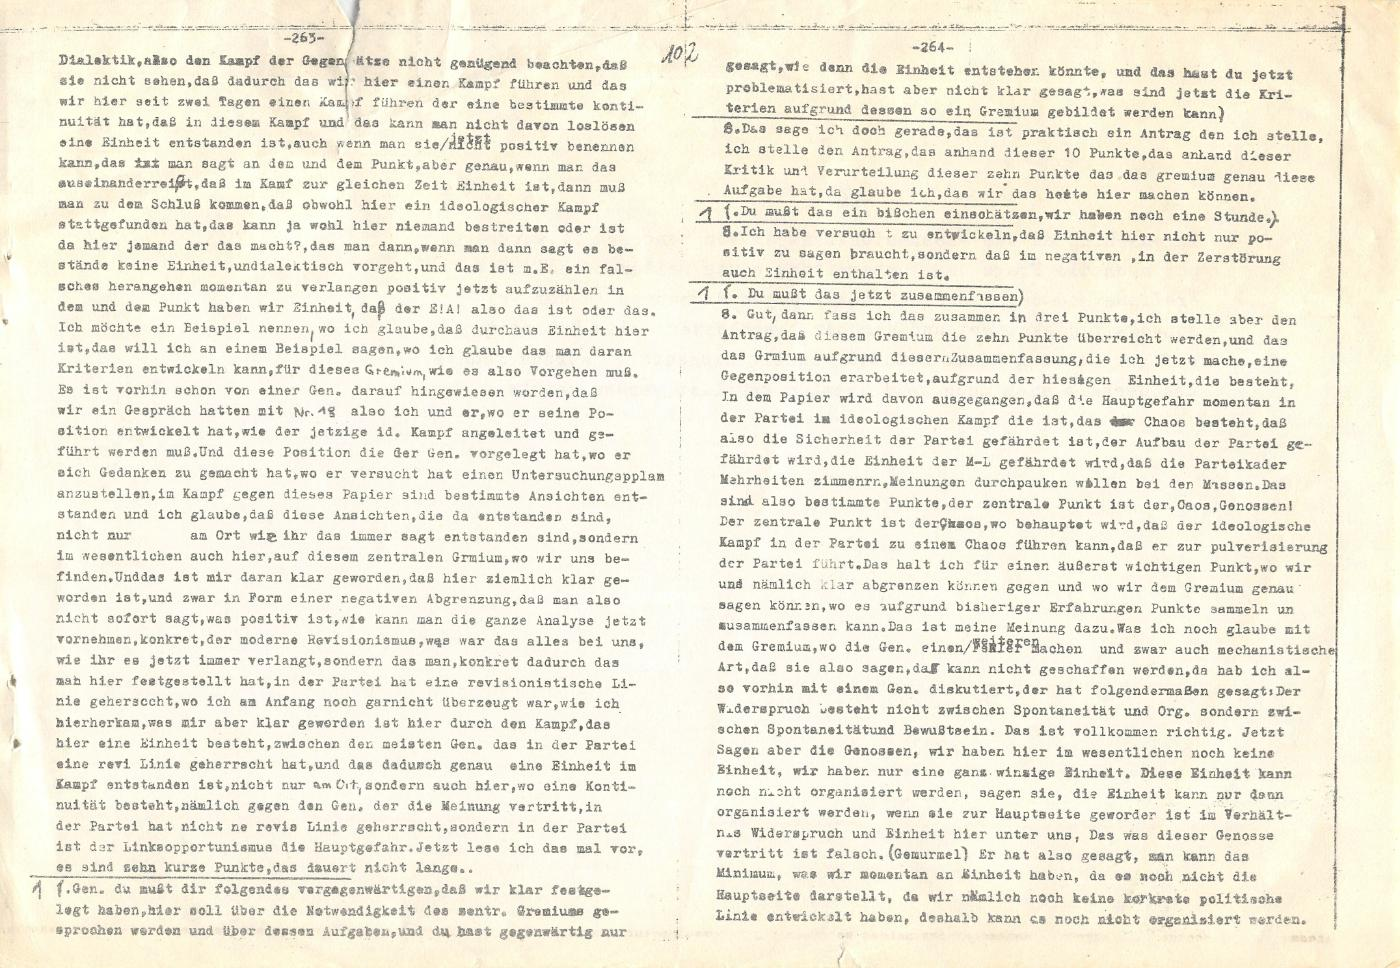 KPDML_1971_Wortprotokolle_aoPt_126